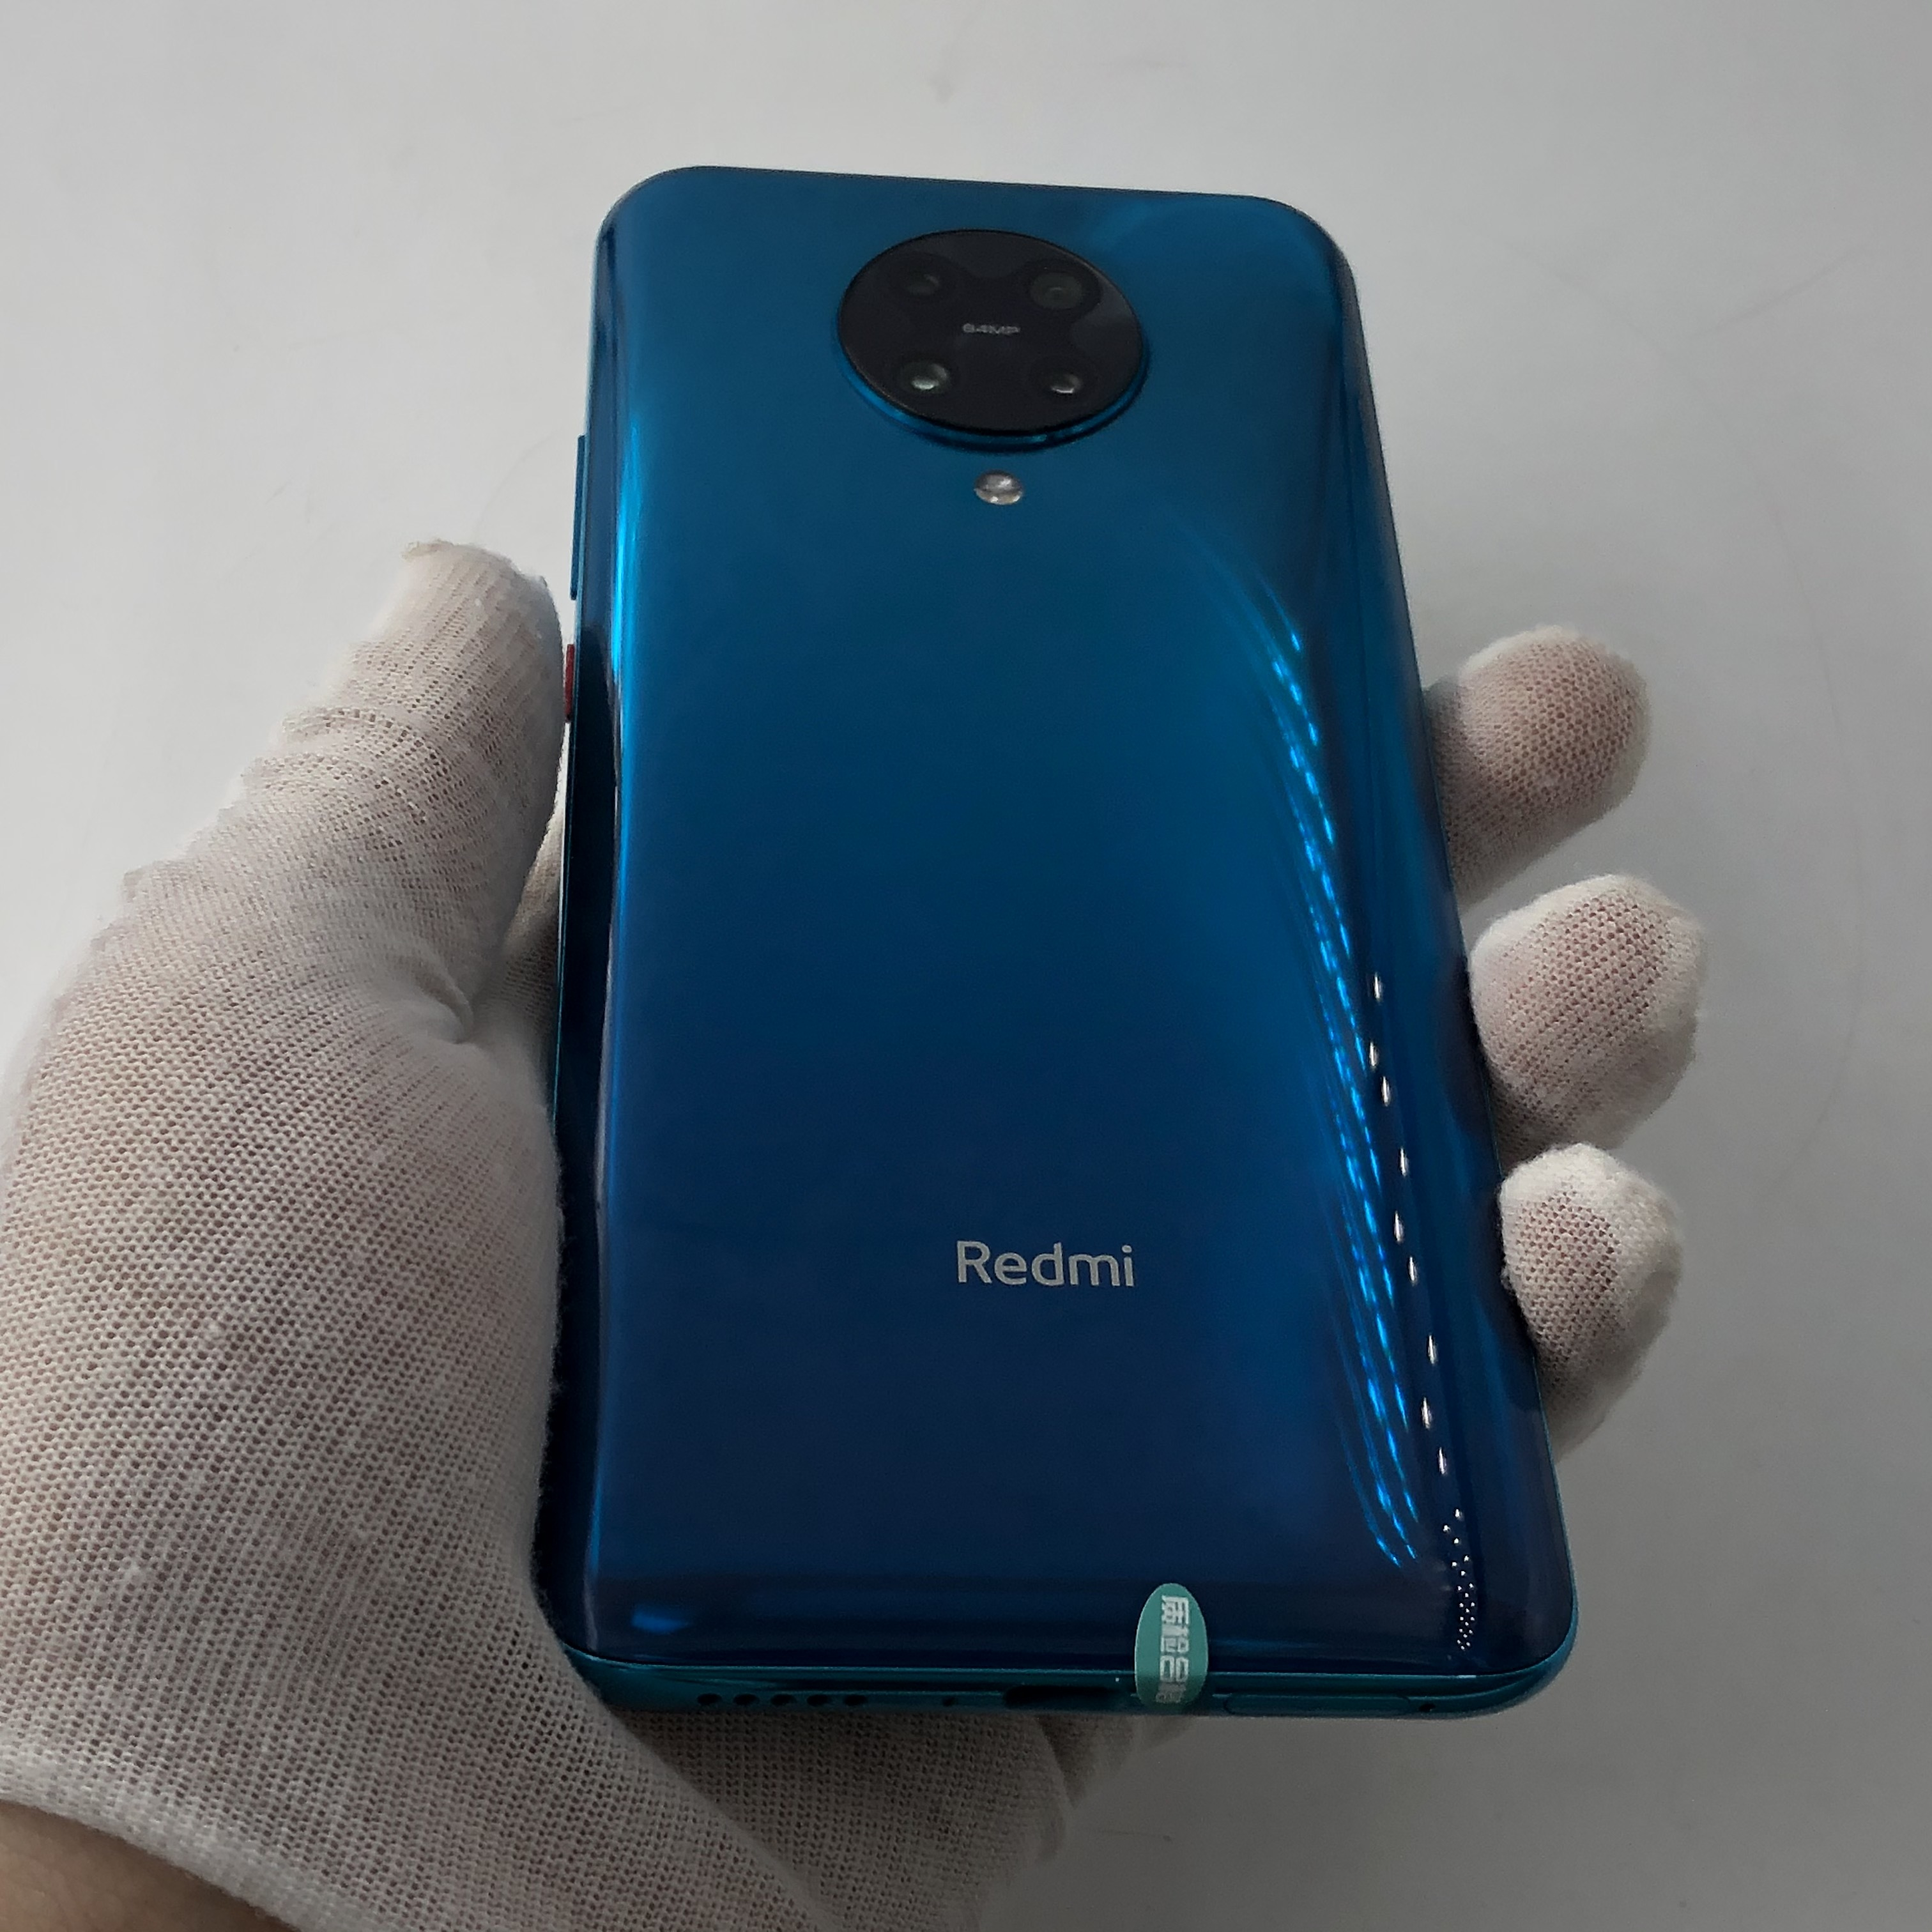 小米【Redmi k30 Pro 5G】5G全网通 天际蓝 6G/128G 国行 95新